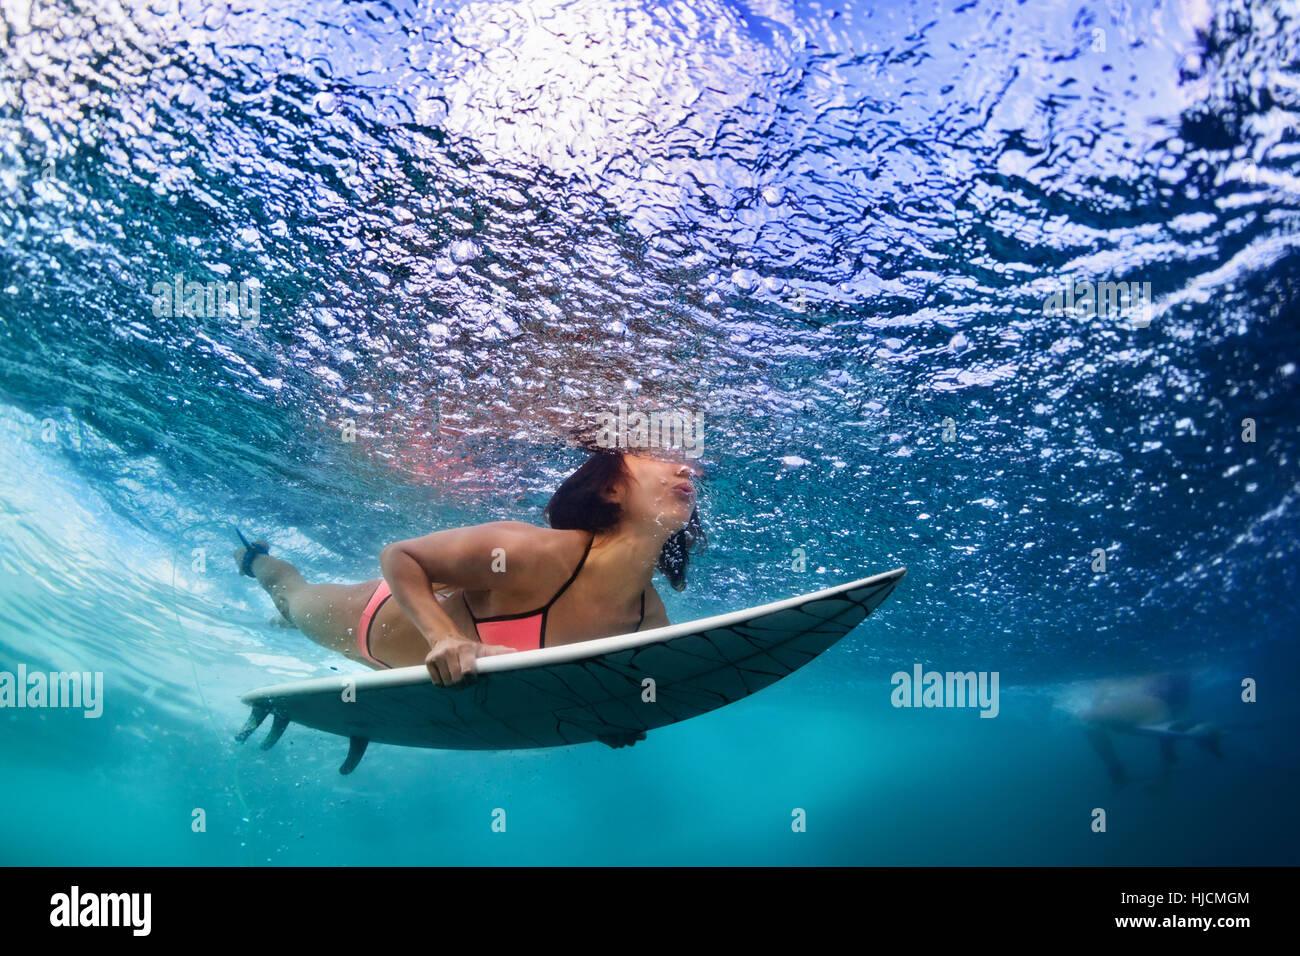 Chica activa en acción. Surfer mujer con surf buceo bajo el romper de las olas del océano submarino deporte Imagen De Stock